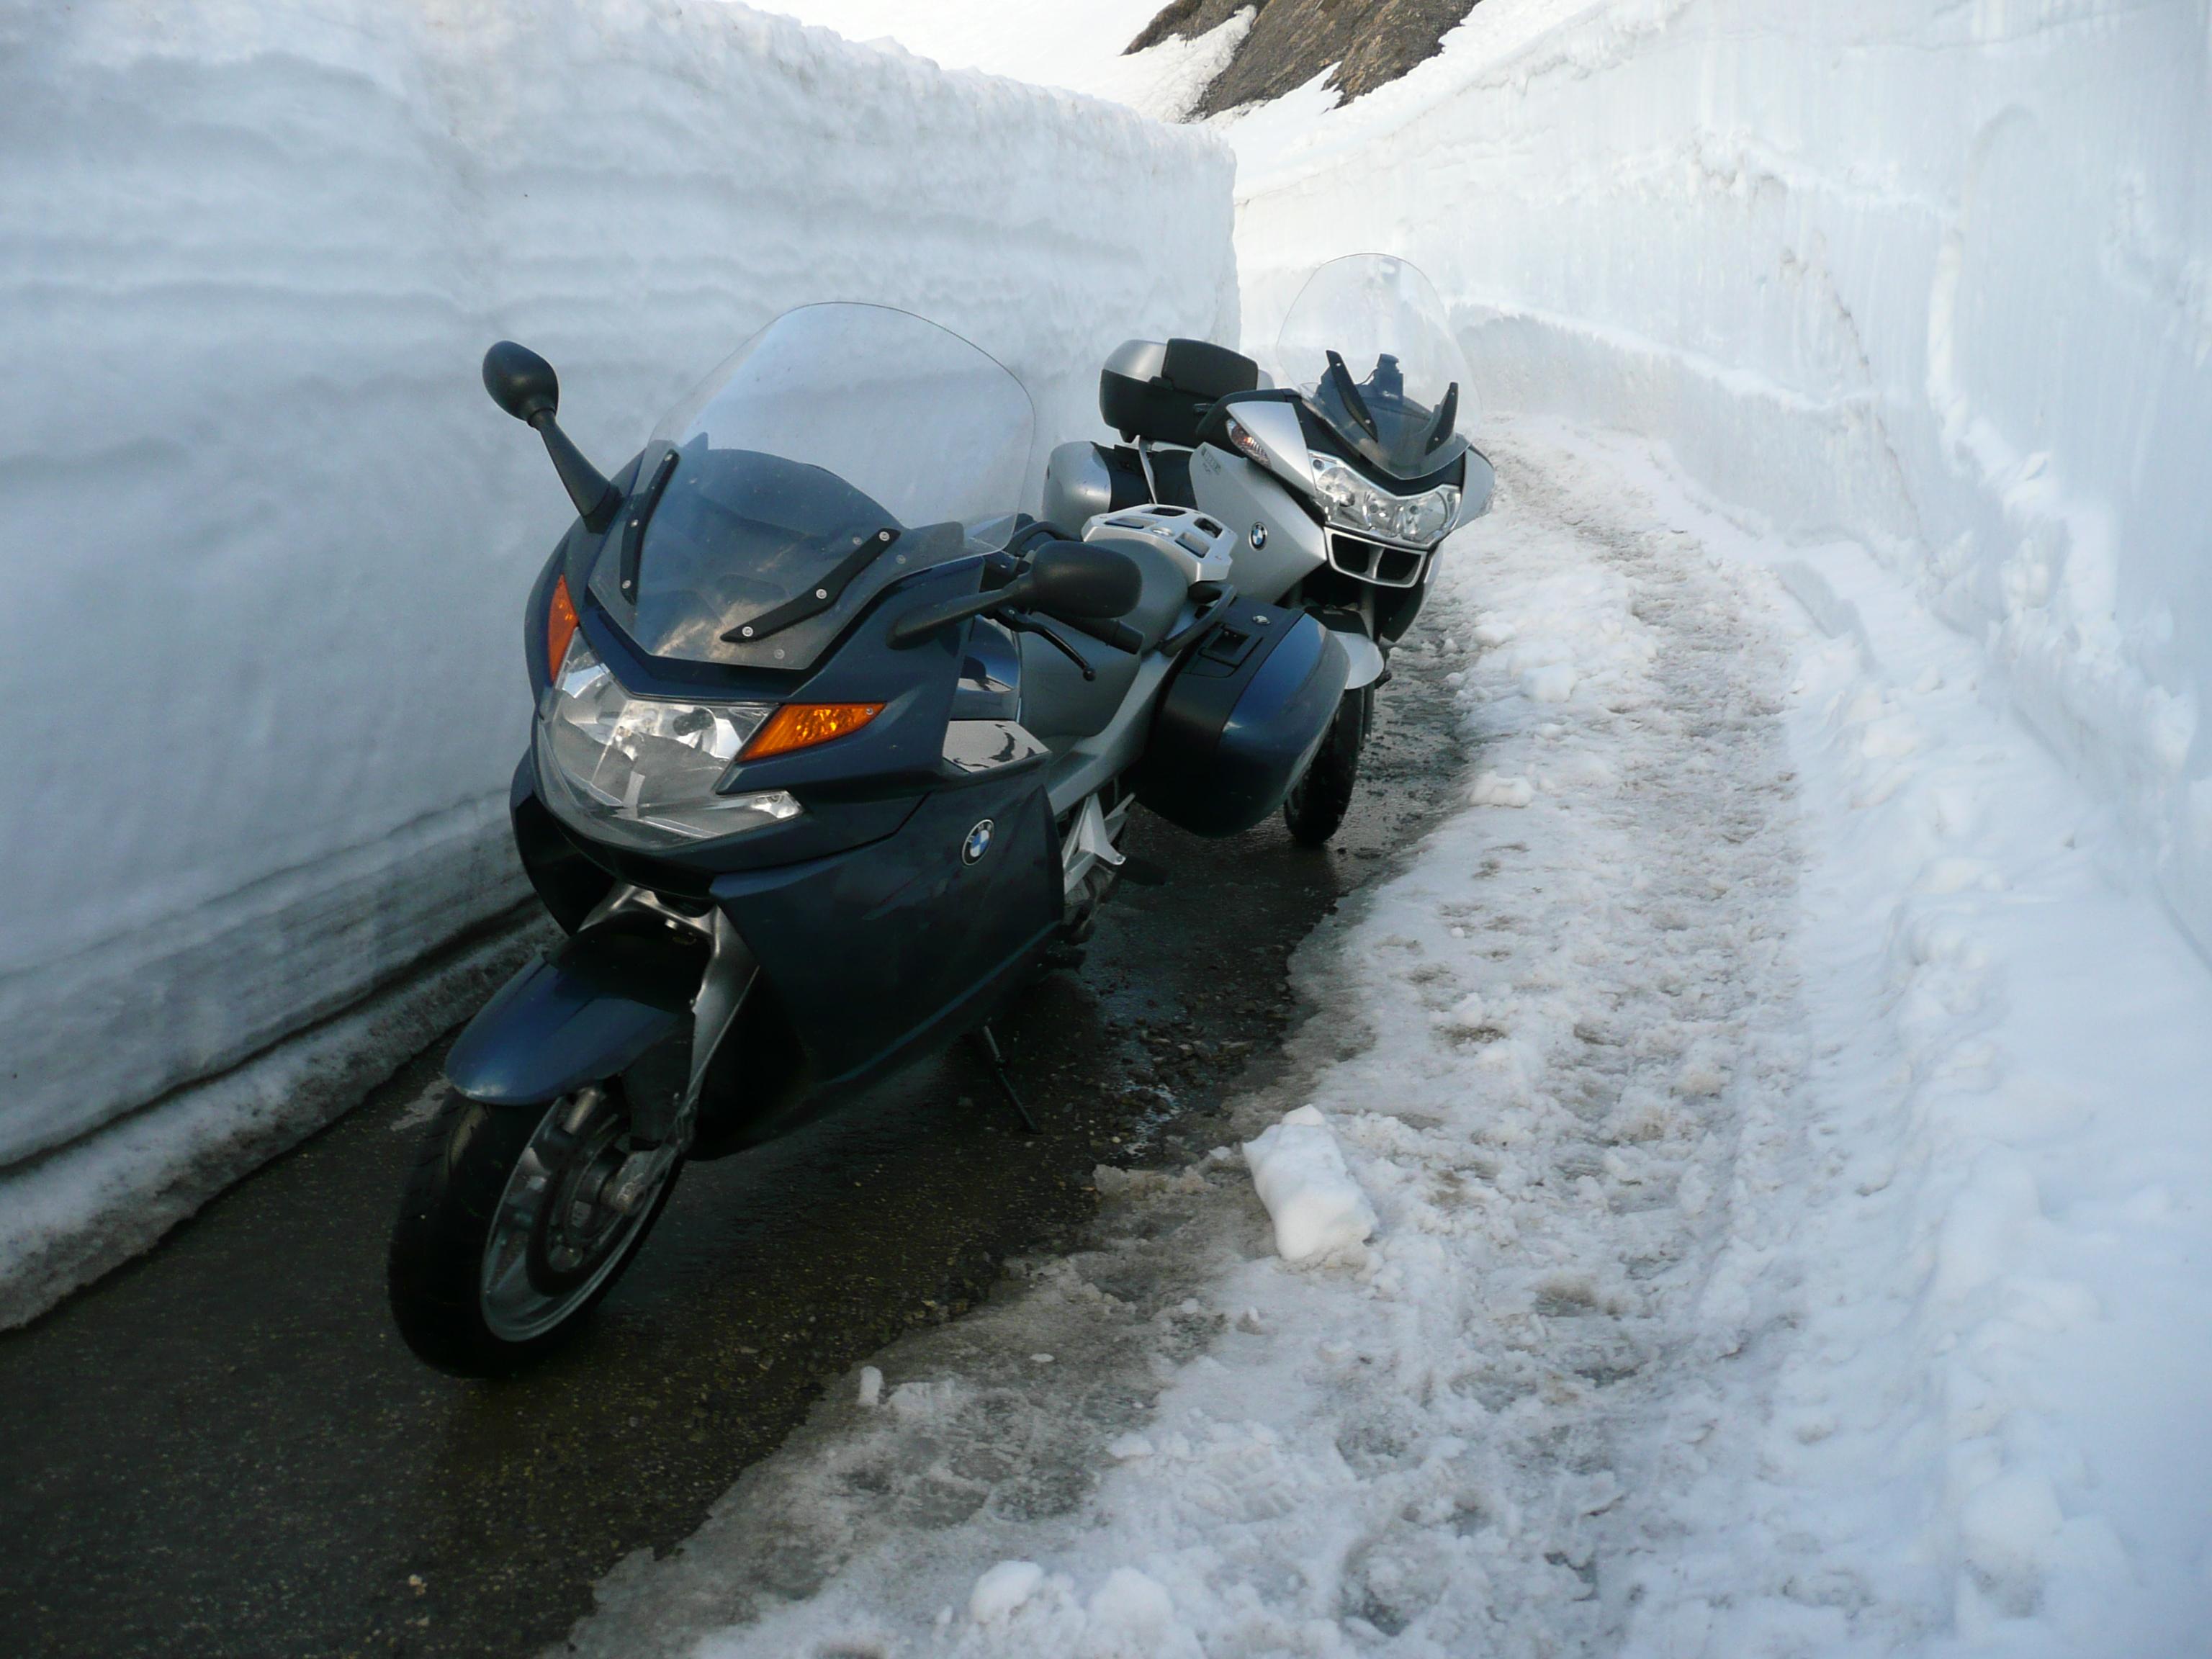 moto dans la neige - Page 2 101222082051877567353712